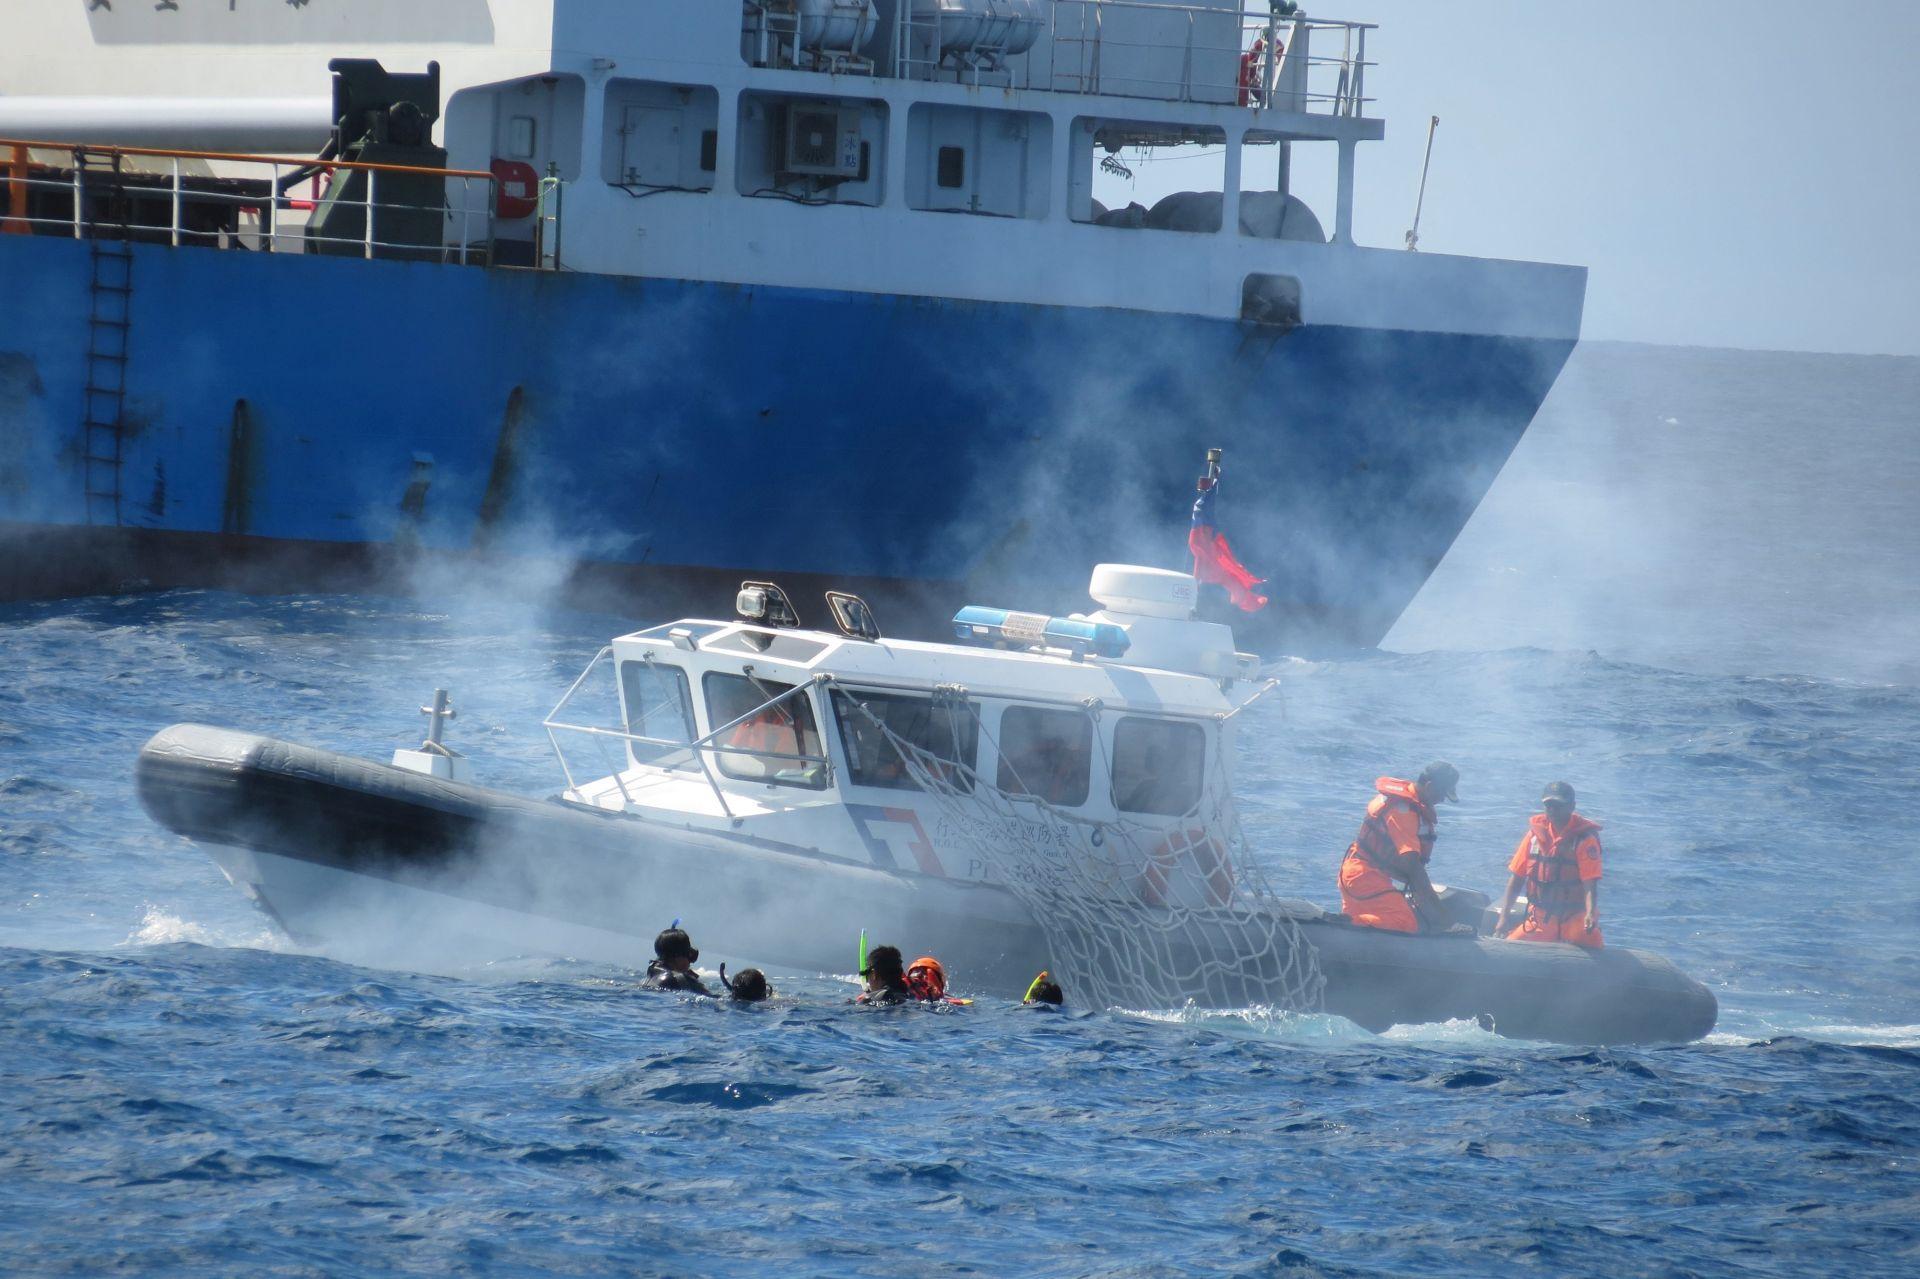 UPUĆENA PROSVJEDNA NOTA: Kina zaplijenila američku podmornicu